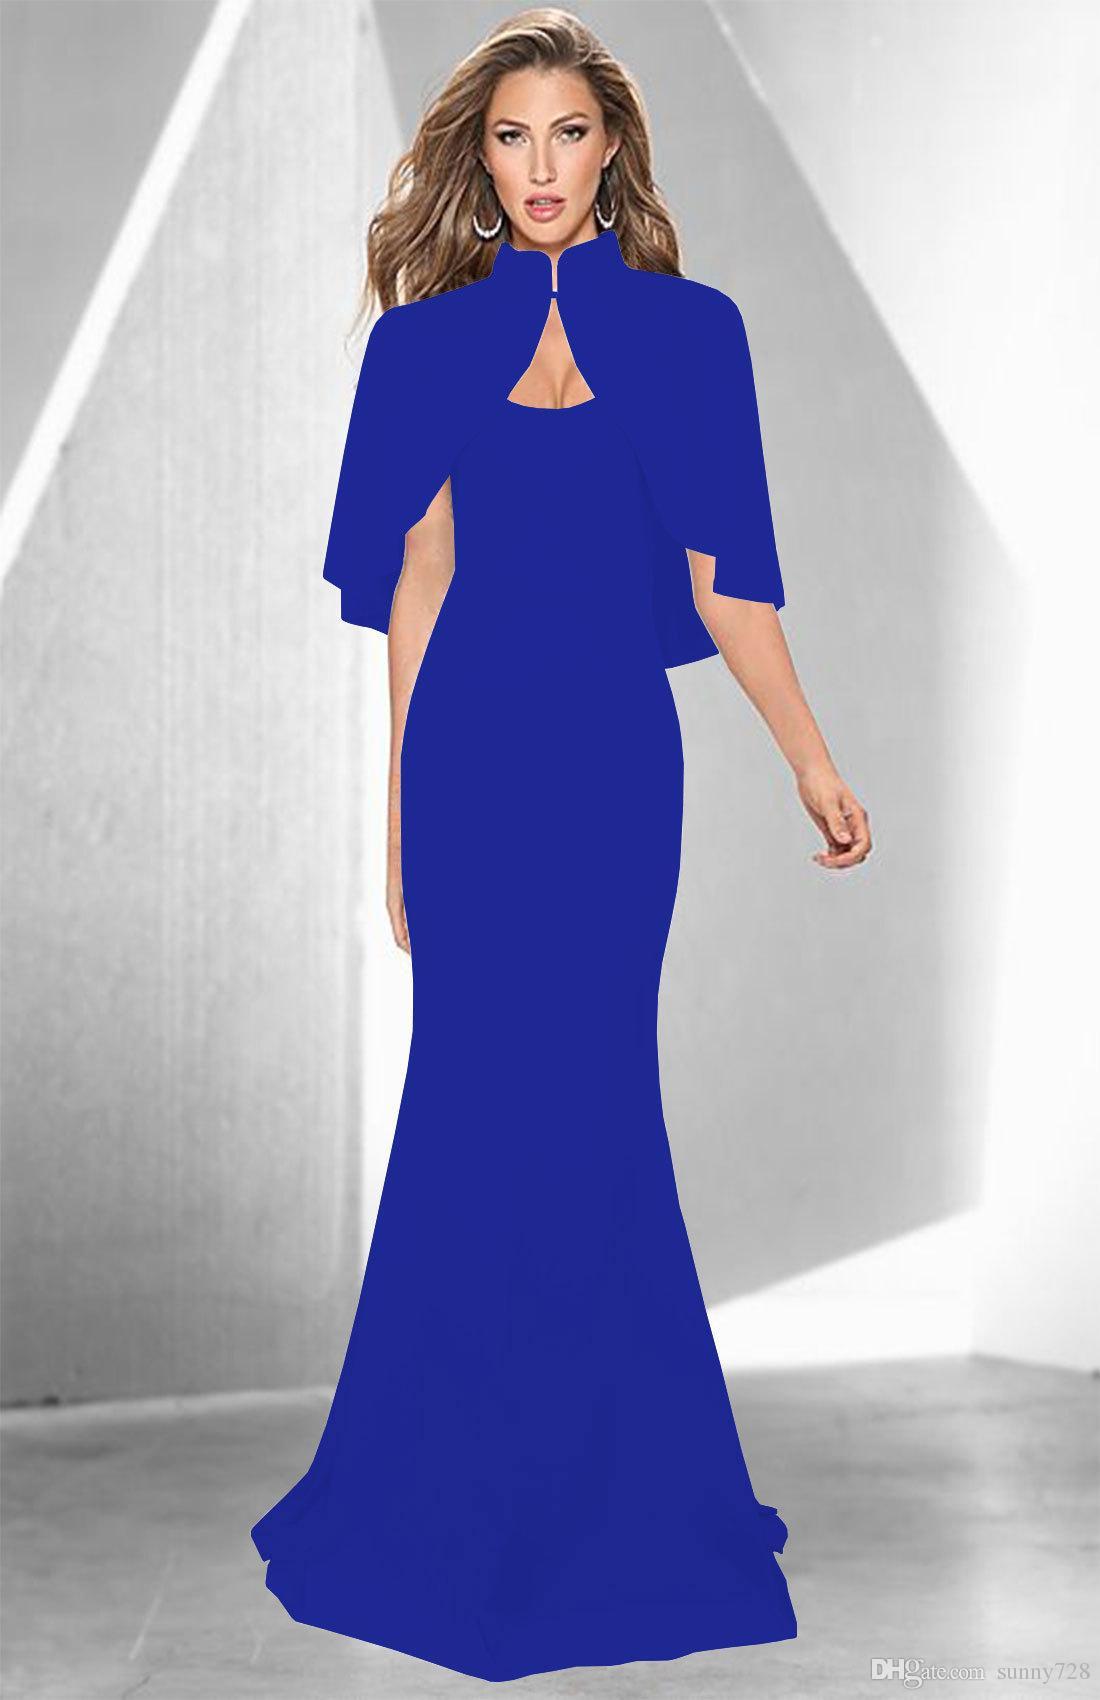 3456b1848 Compre 2018 Vestidos Largos De Noche De Sirena Con Capucha De Cuello Alto  Mangas Hasta El Suelo Vestido De Fiesta De Moda Blanco Negro Rojo Azul  Colores S ...